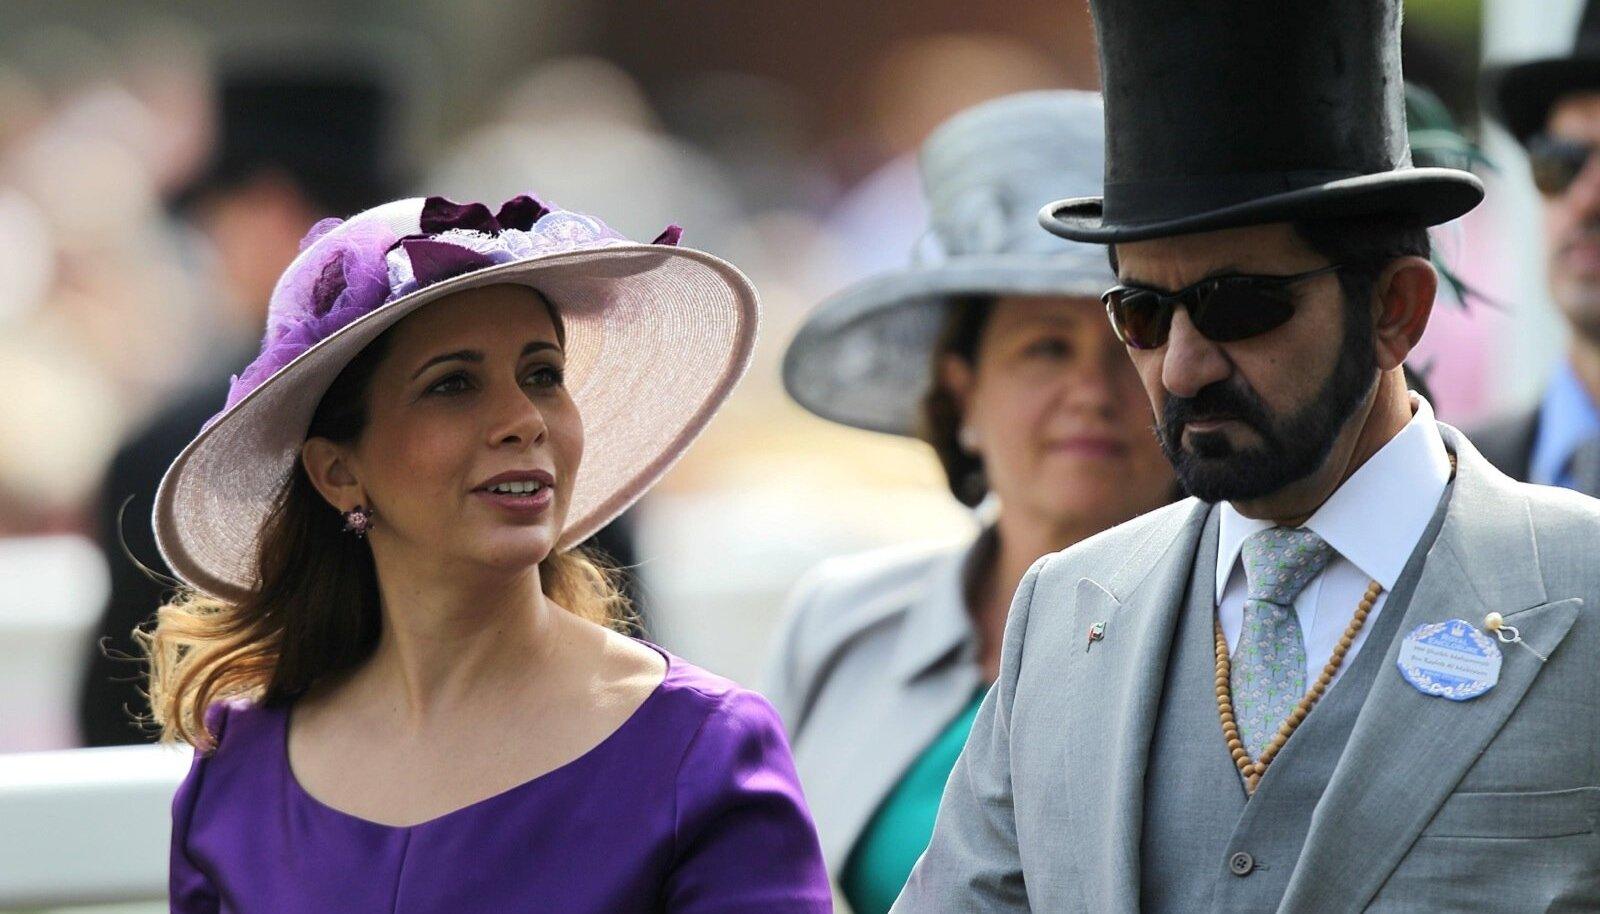 Diplomaatiline kriis: Dubai printsess varjab end vägivaldse mehe eest Londonis